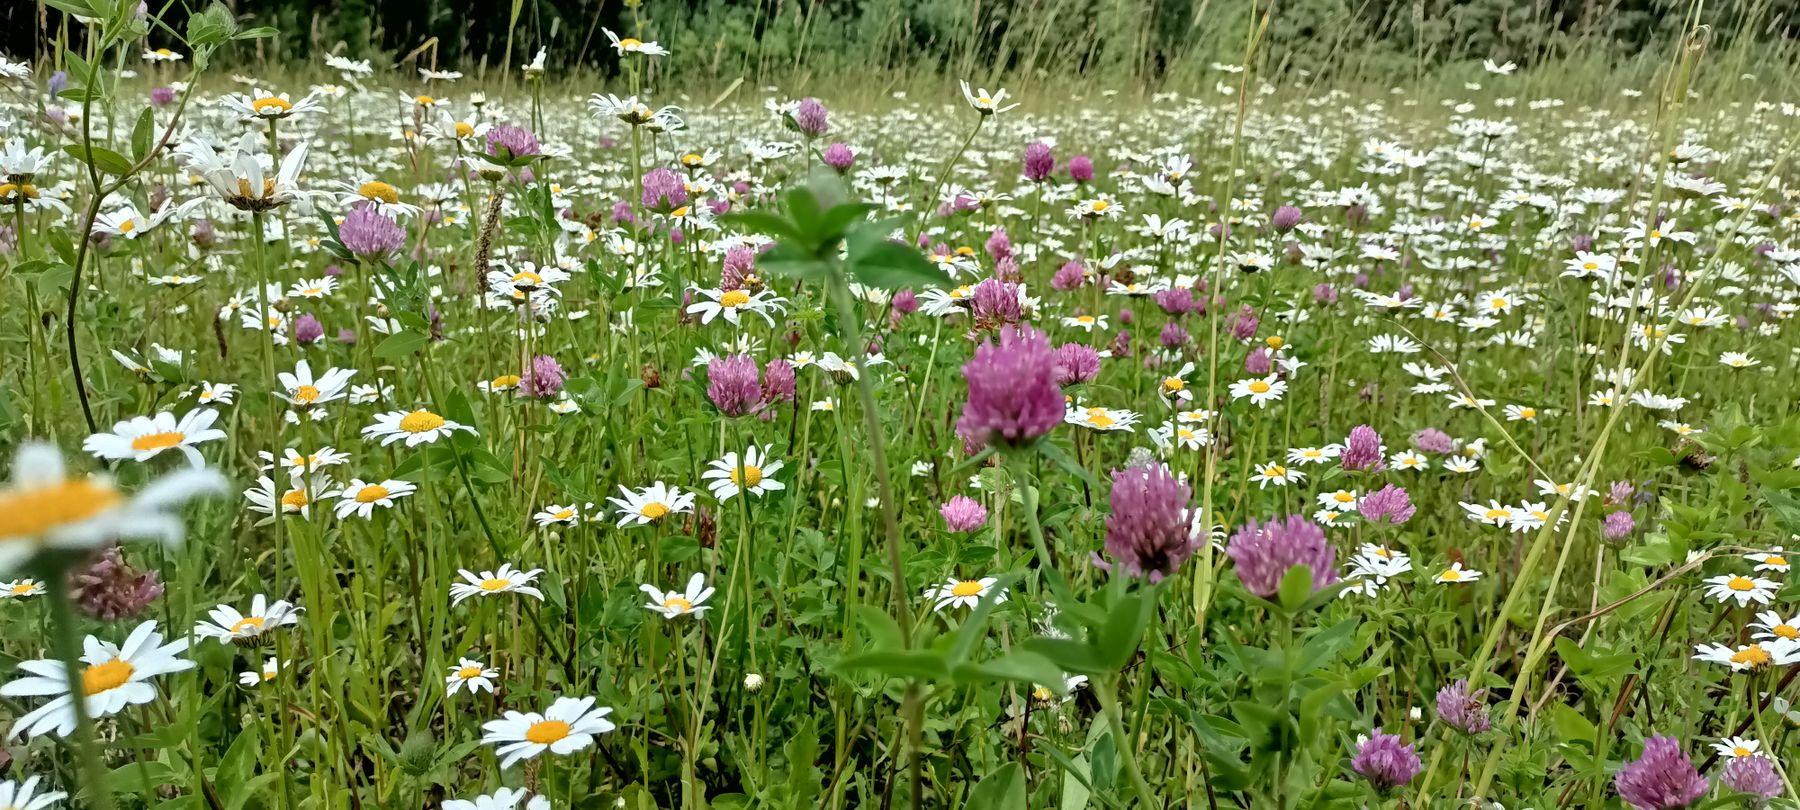 Поляна Поляна цветочная поляна летний луг белые ромашки клевер лето природа красивая воспоминания детства